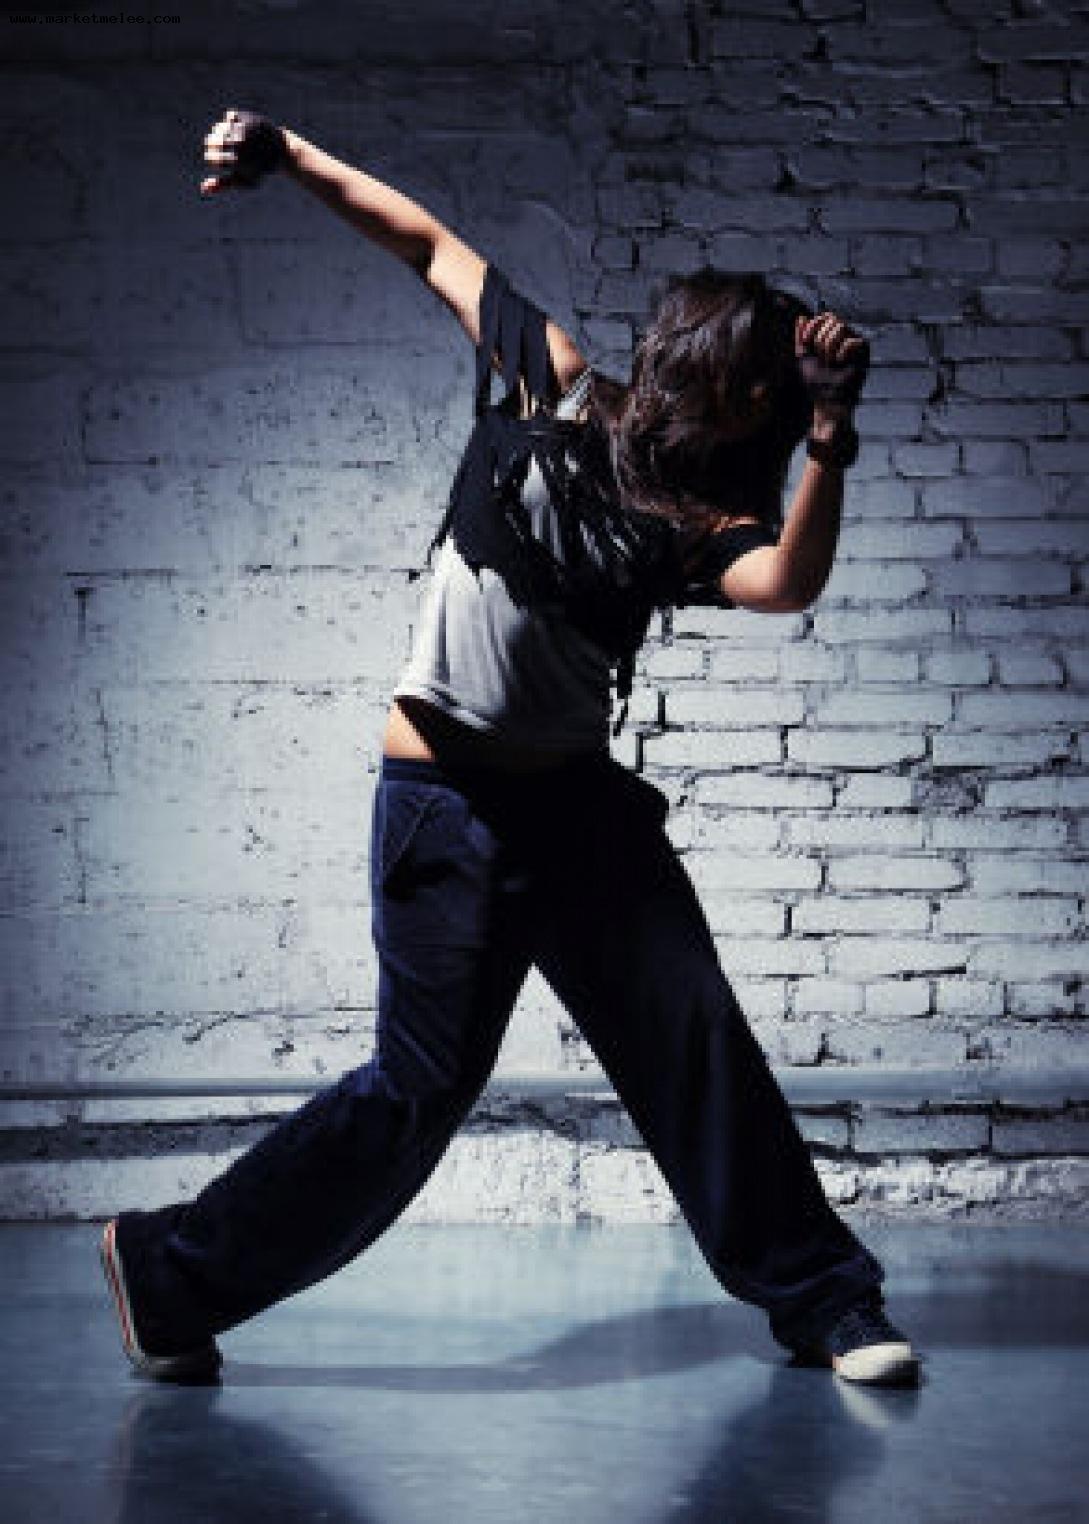 Смотреть онлайн танцы в стиле хип хоп 27 фотография